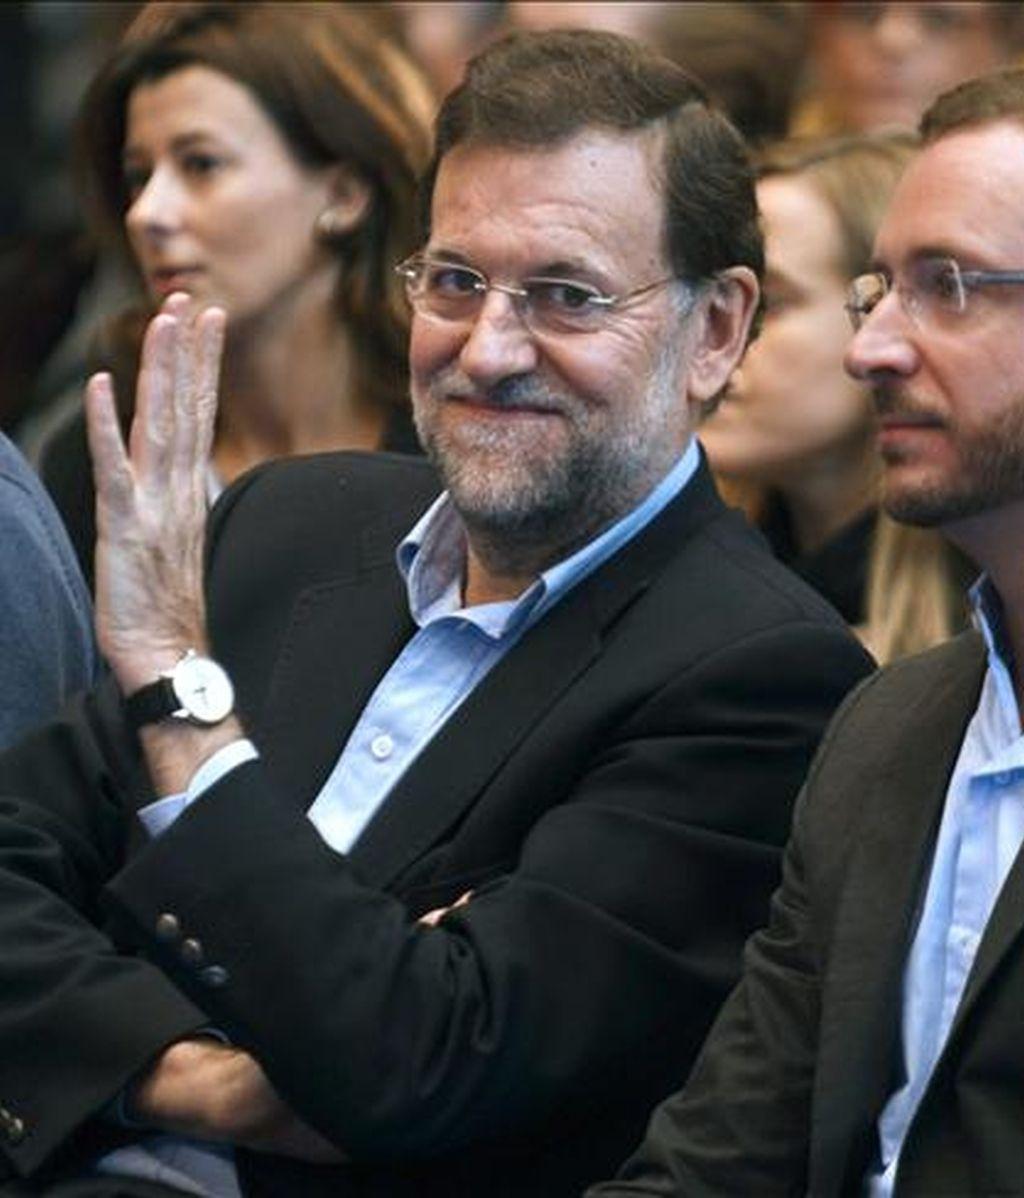 El presidente del PP, Mariano Rajoy, durante el mitin celebrado hoy en esta ciudad, en el que su partido ha presentado a los candidatos a las acaldías de Vitoria, Bilbao y San Sebastián, y a las diputaciones forales de Álava, Vizcaya y Guipúzcoa. EFE